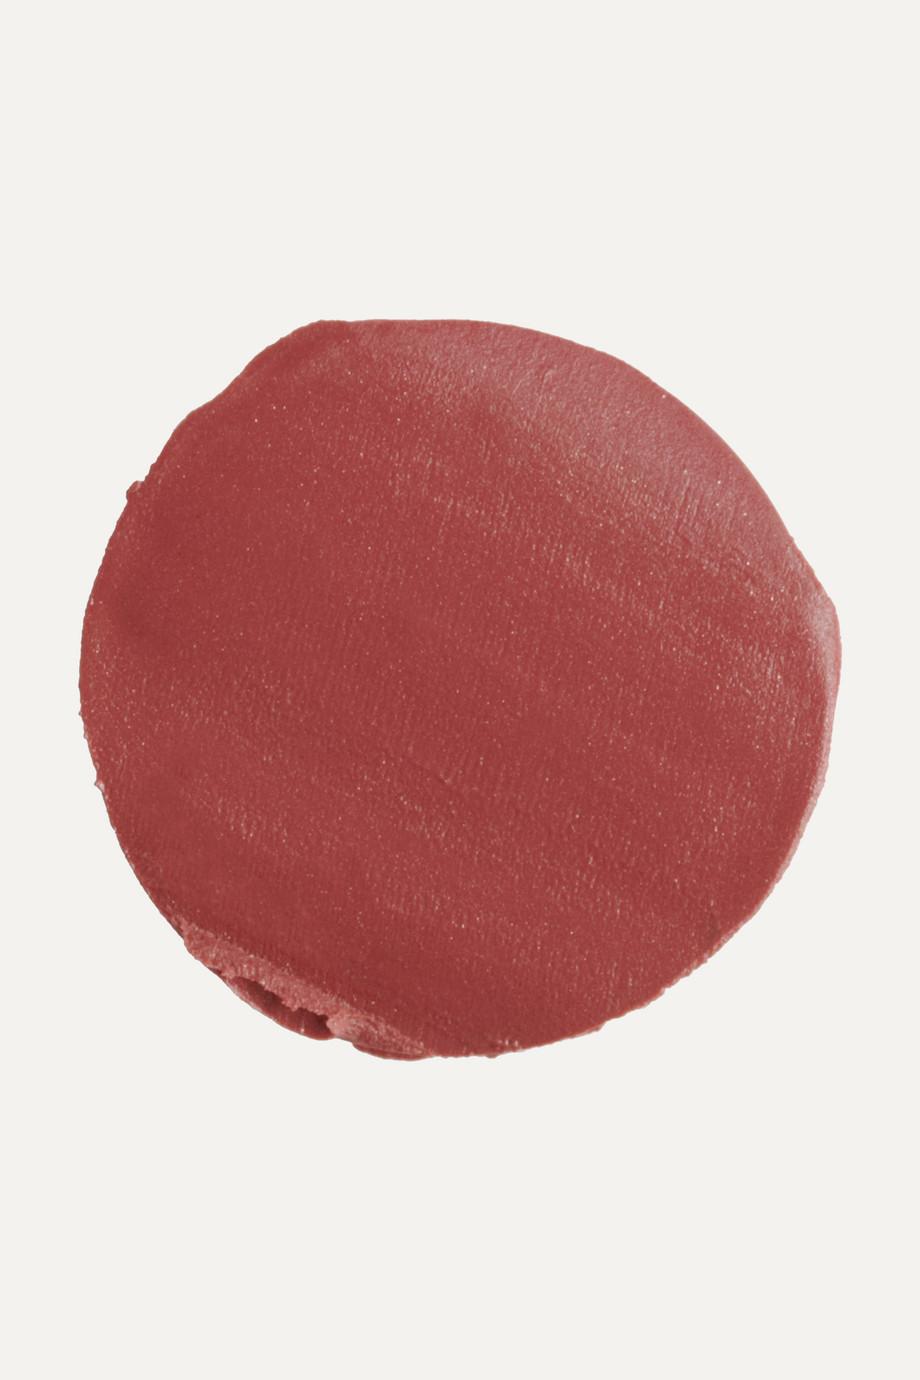 Charlotte Tilbury K.I.S.S.I.N.G Lipstick - Stoned Rose